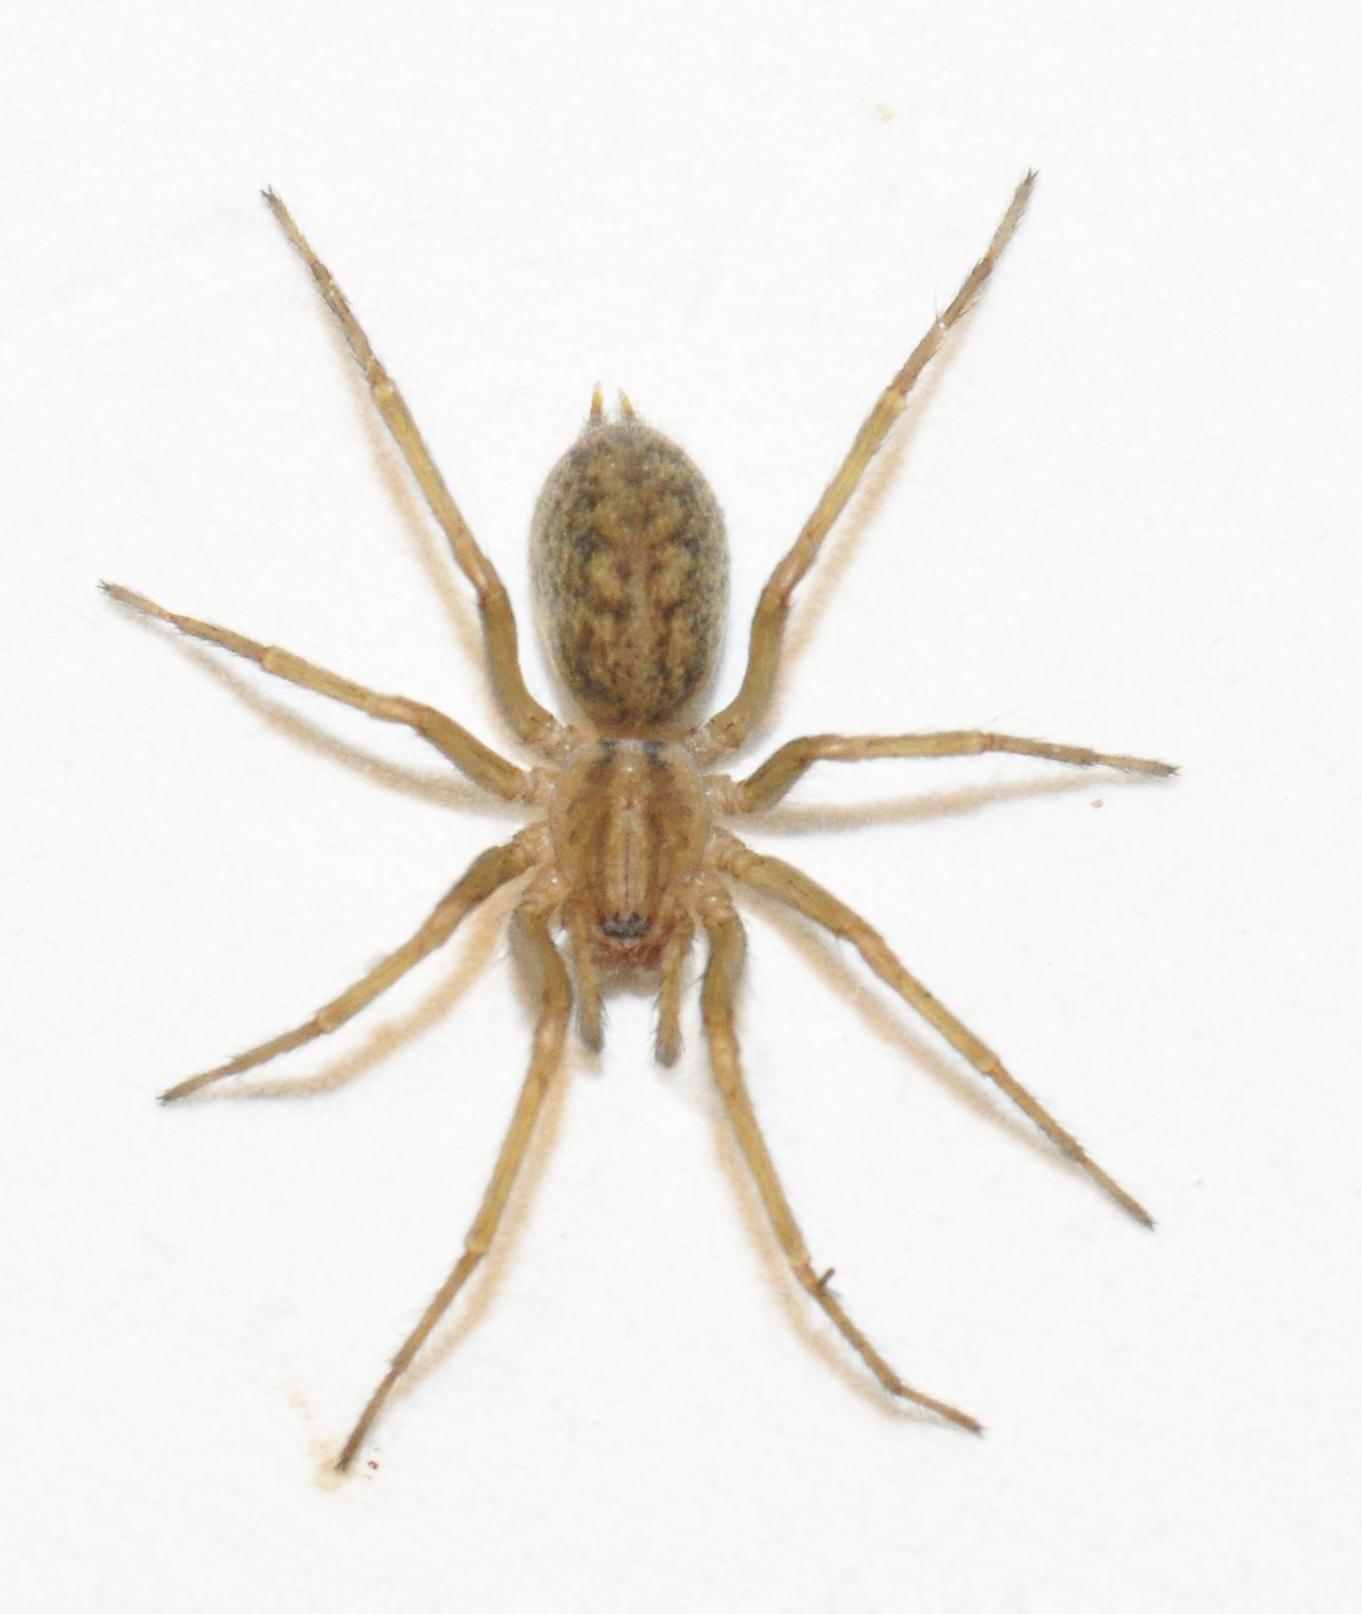 Arañas del noroeste del Pacífico